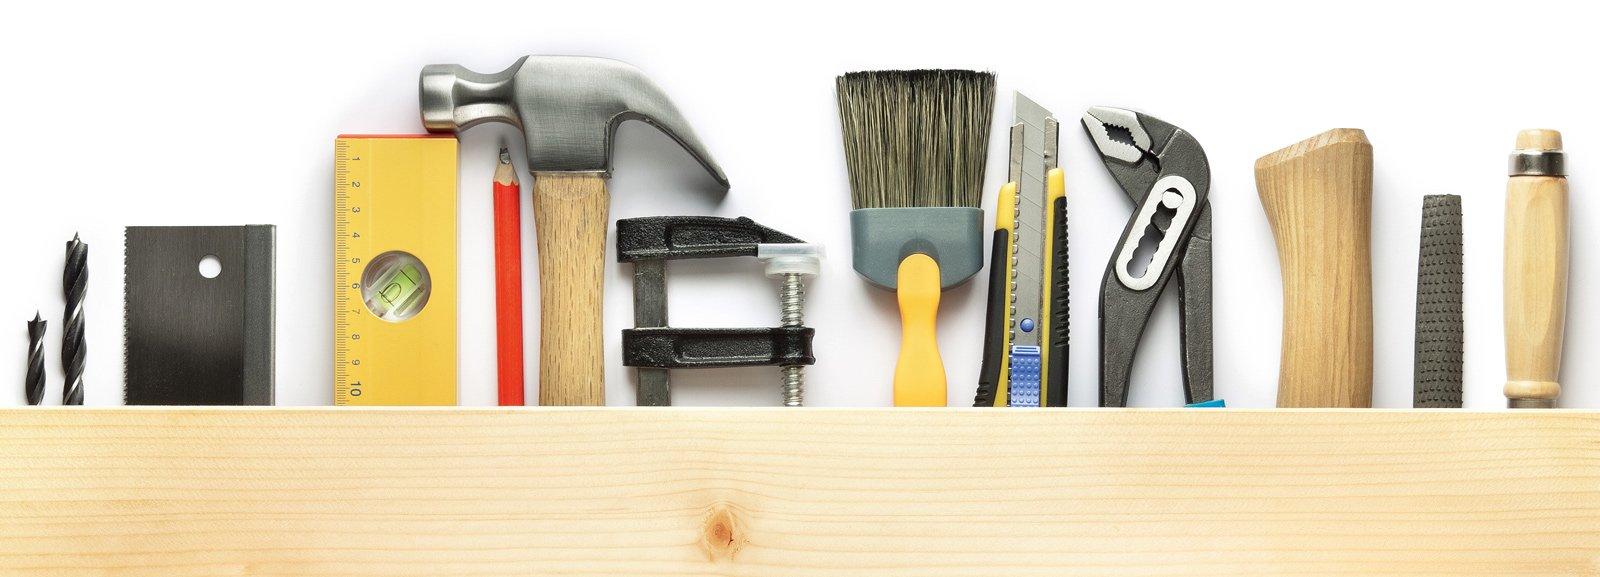 Gli attrezzi del fai da te visti da vicino cose di casa for Architetto fai da te